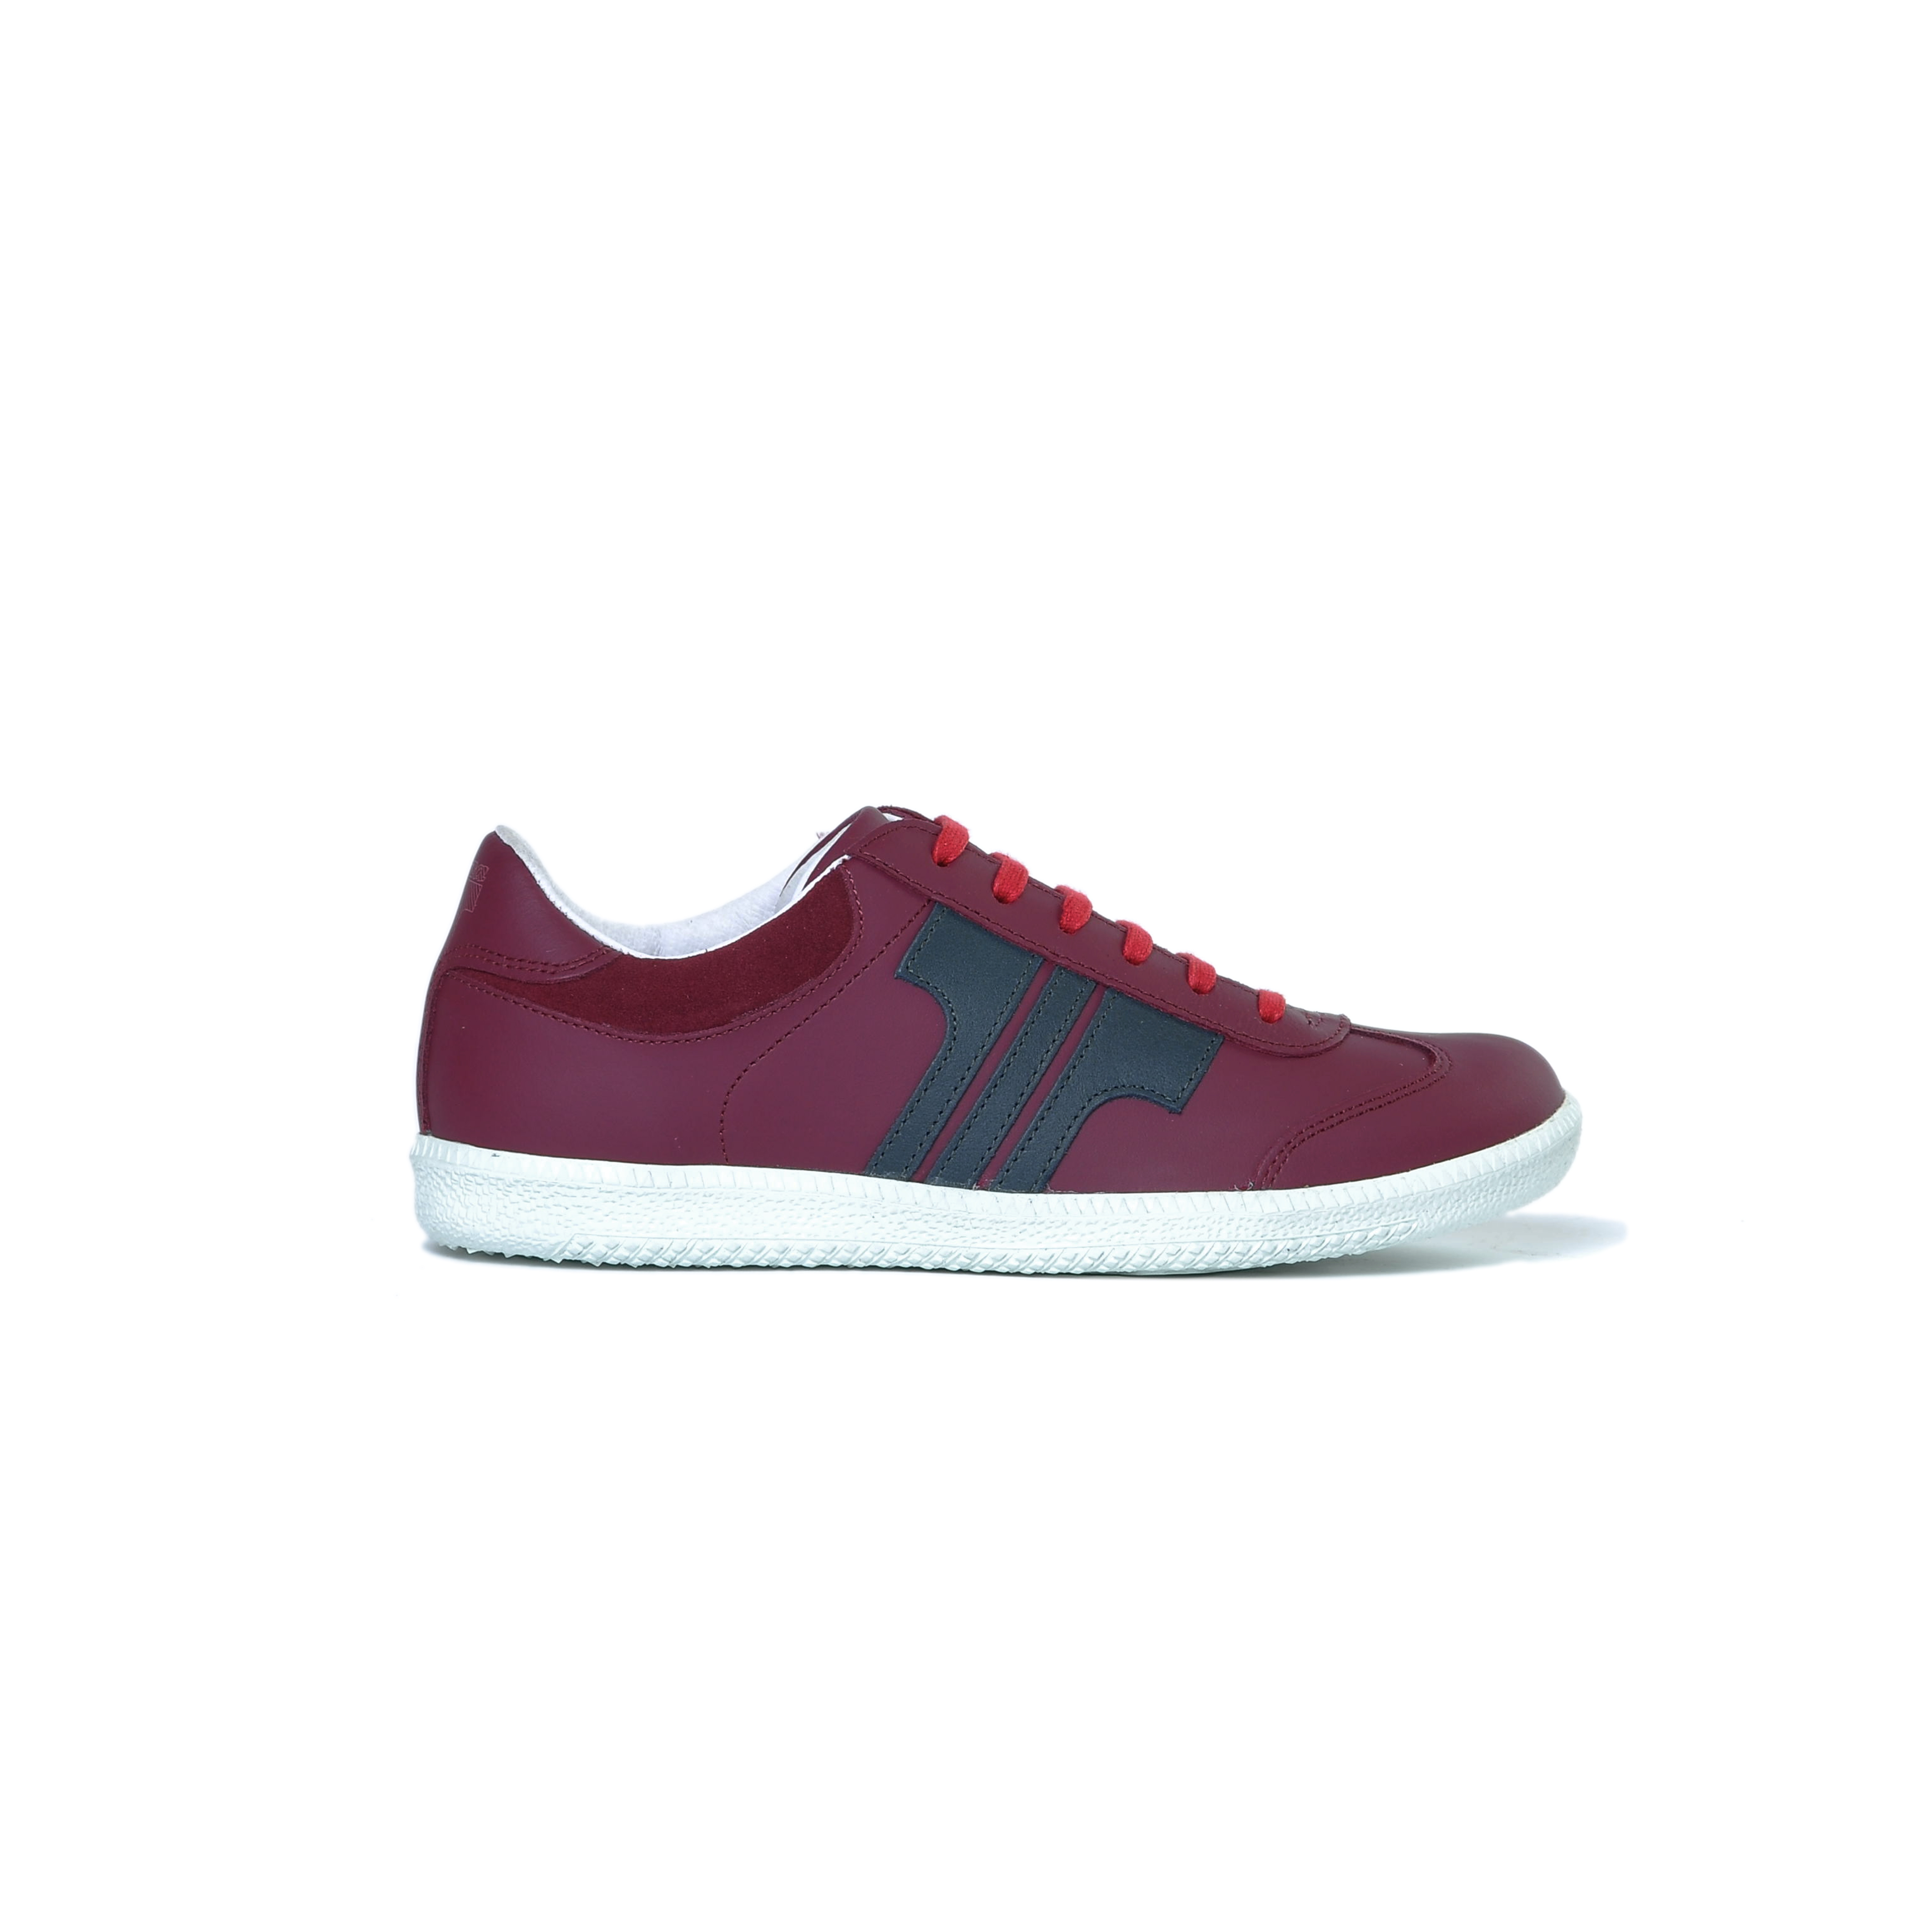 Tisza shoes - Compakt - Claret-shadow